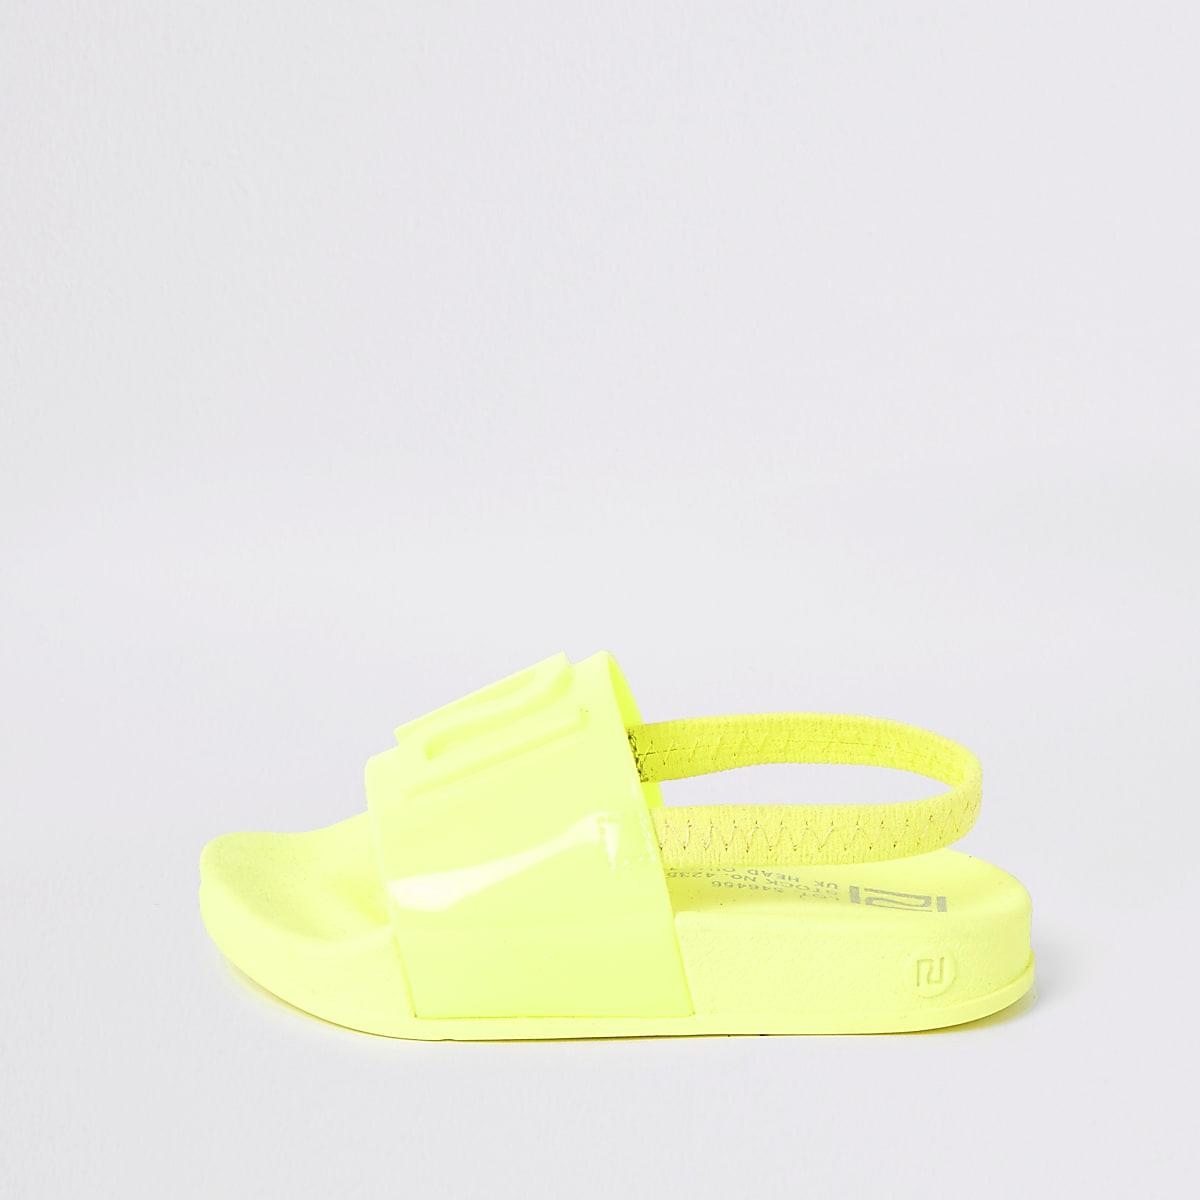 Mini - Neongele jelly slippers met RI-logo voor kinderen